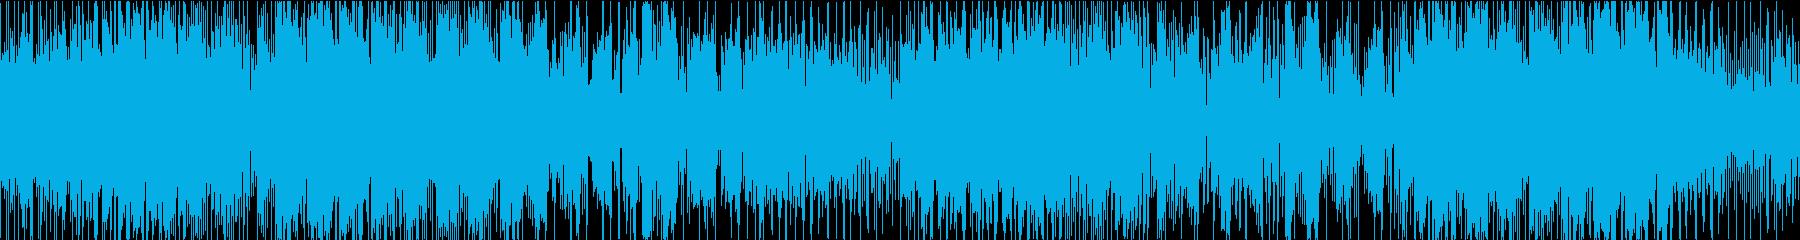 ミステリアスな雰囲気のゲームBGMループの再生済みの波形